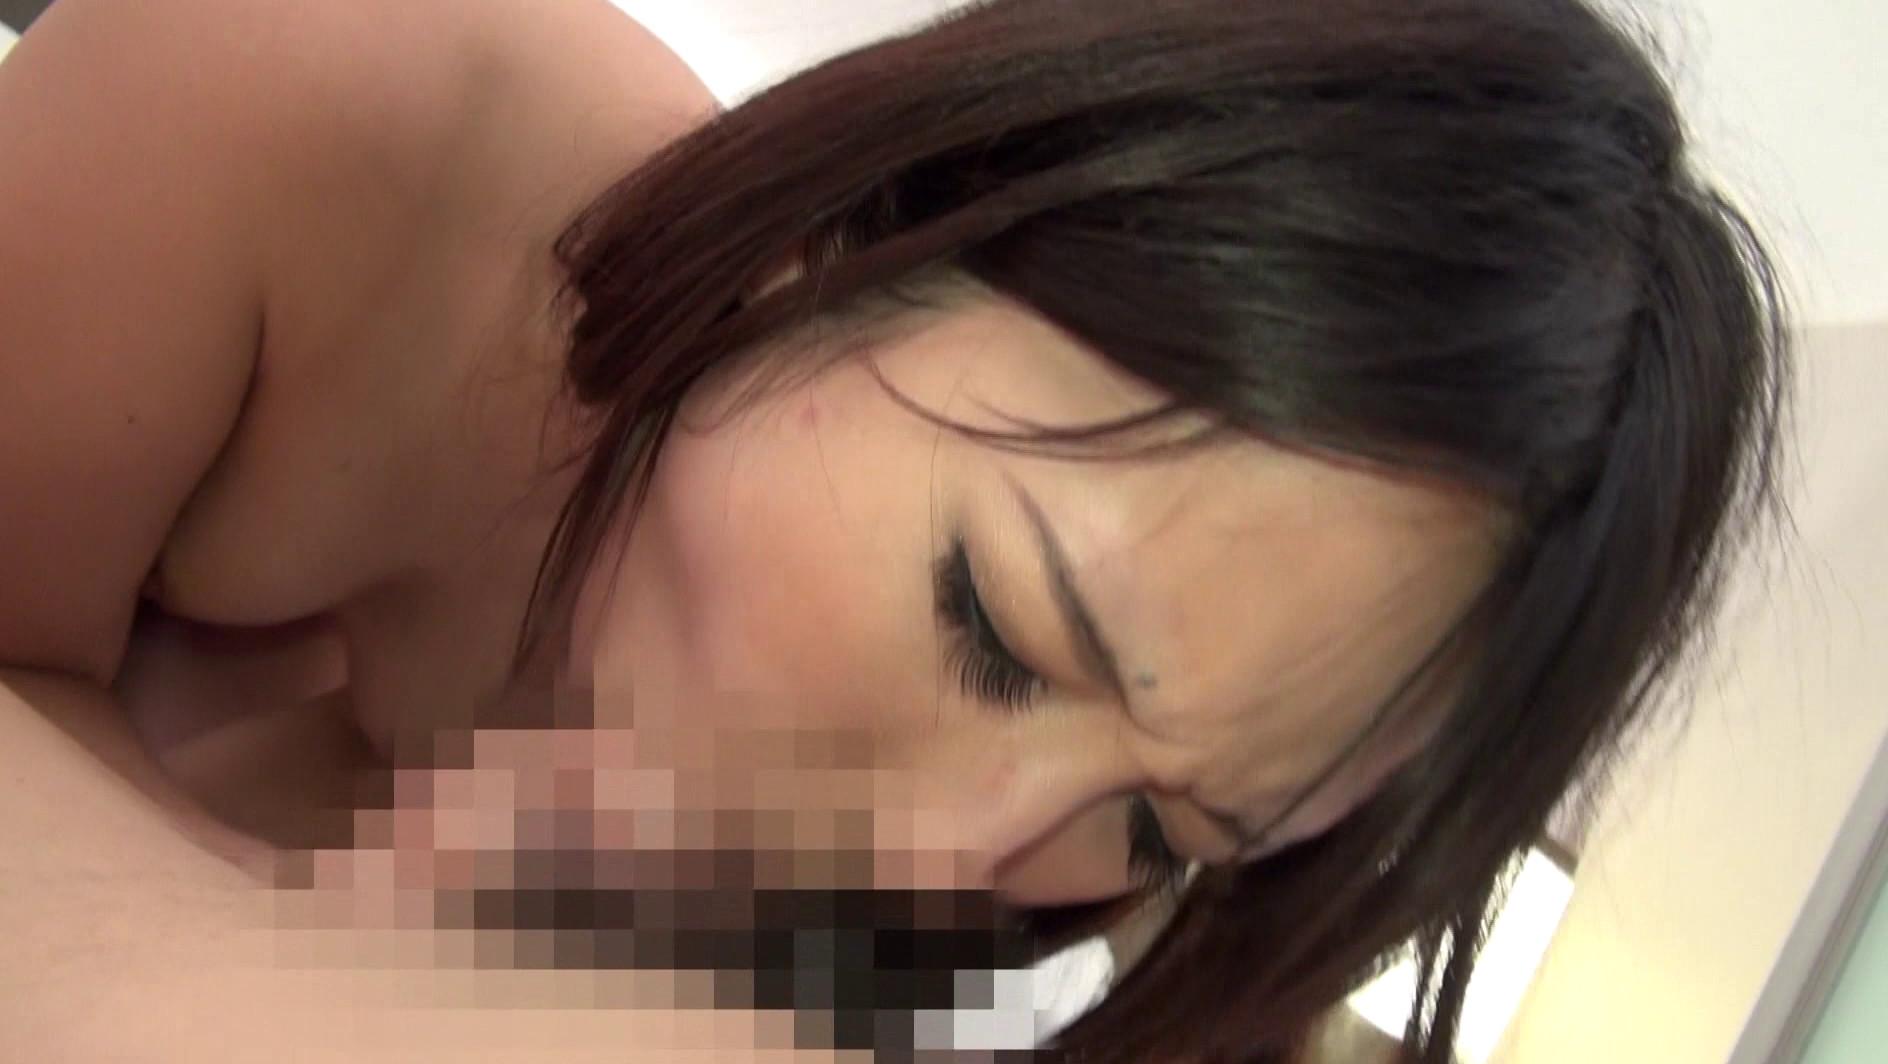 【独占放送】かわいい素○娘をナンパしてハメる! 千佳・希18